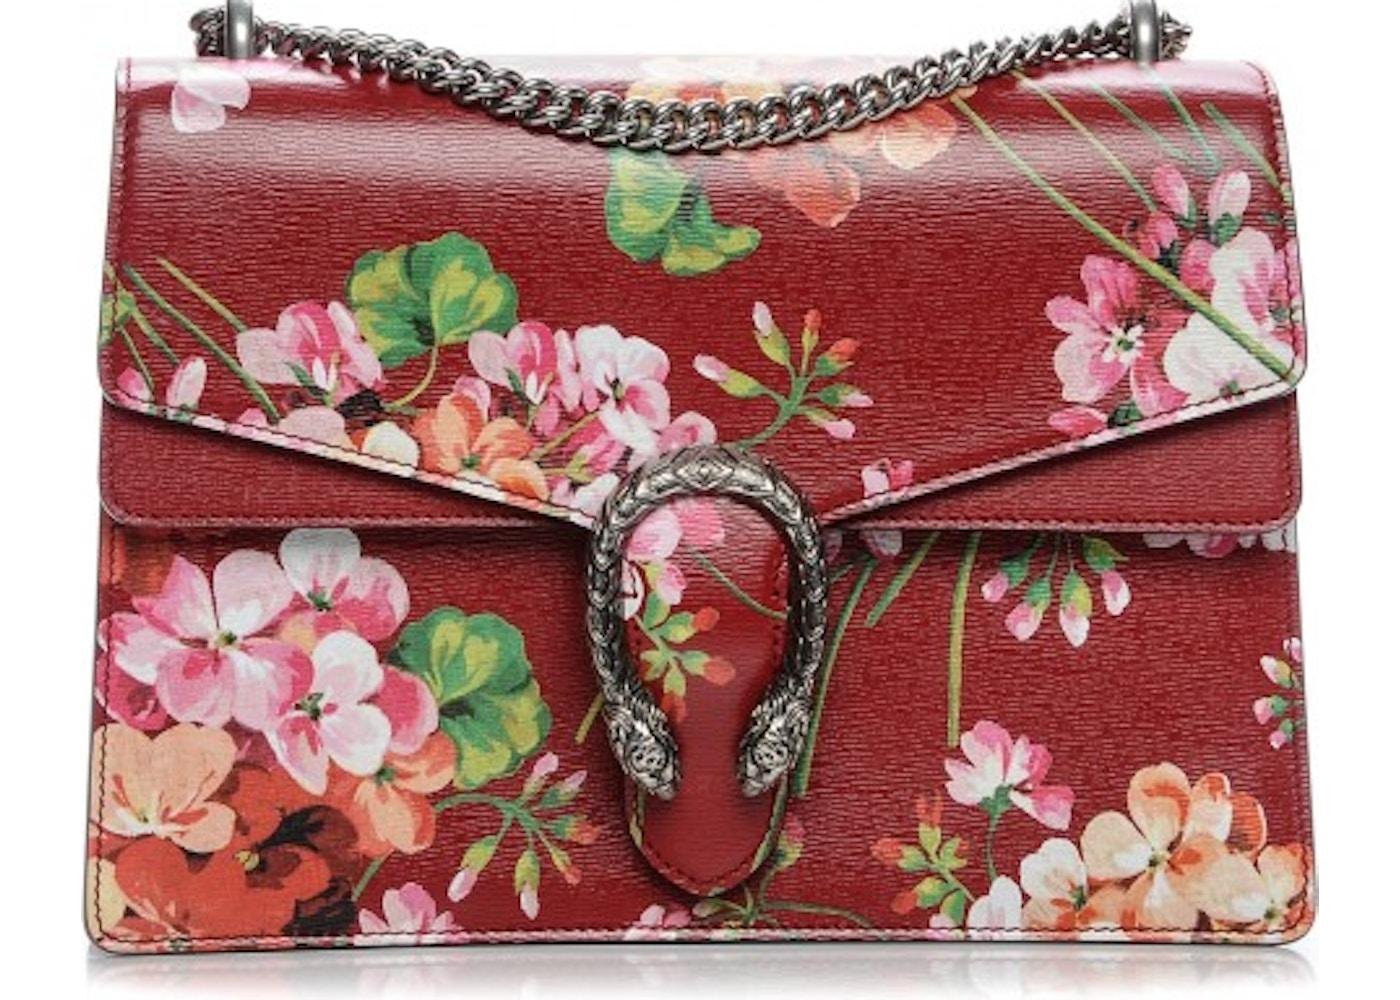 6e9fb31c96f Gucci Dionysus Shoulder Bag Blooms Medium Red Green Pink